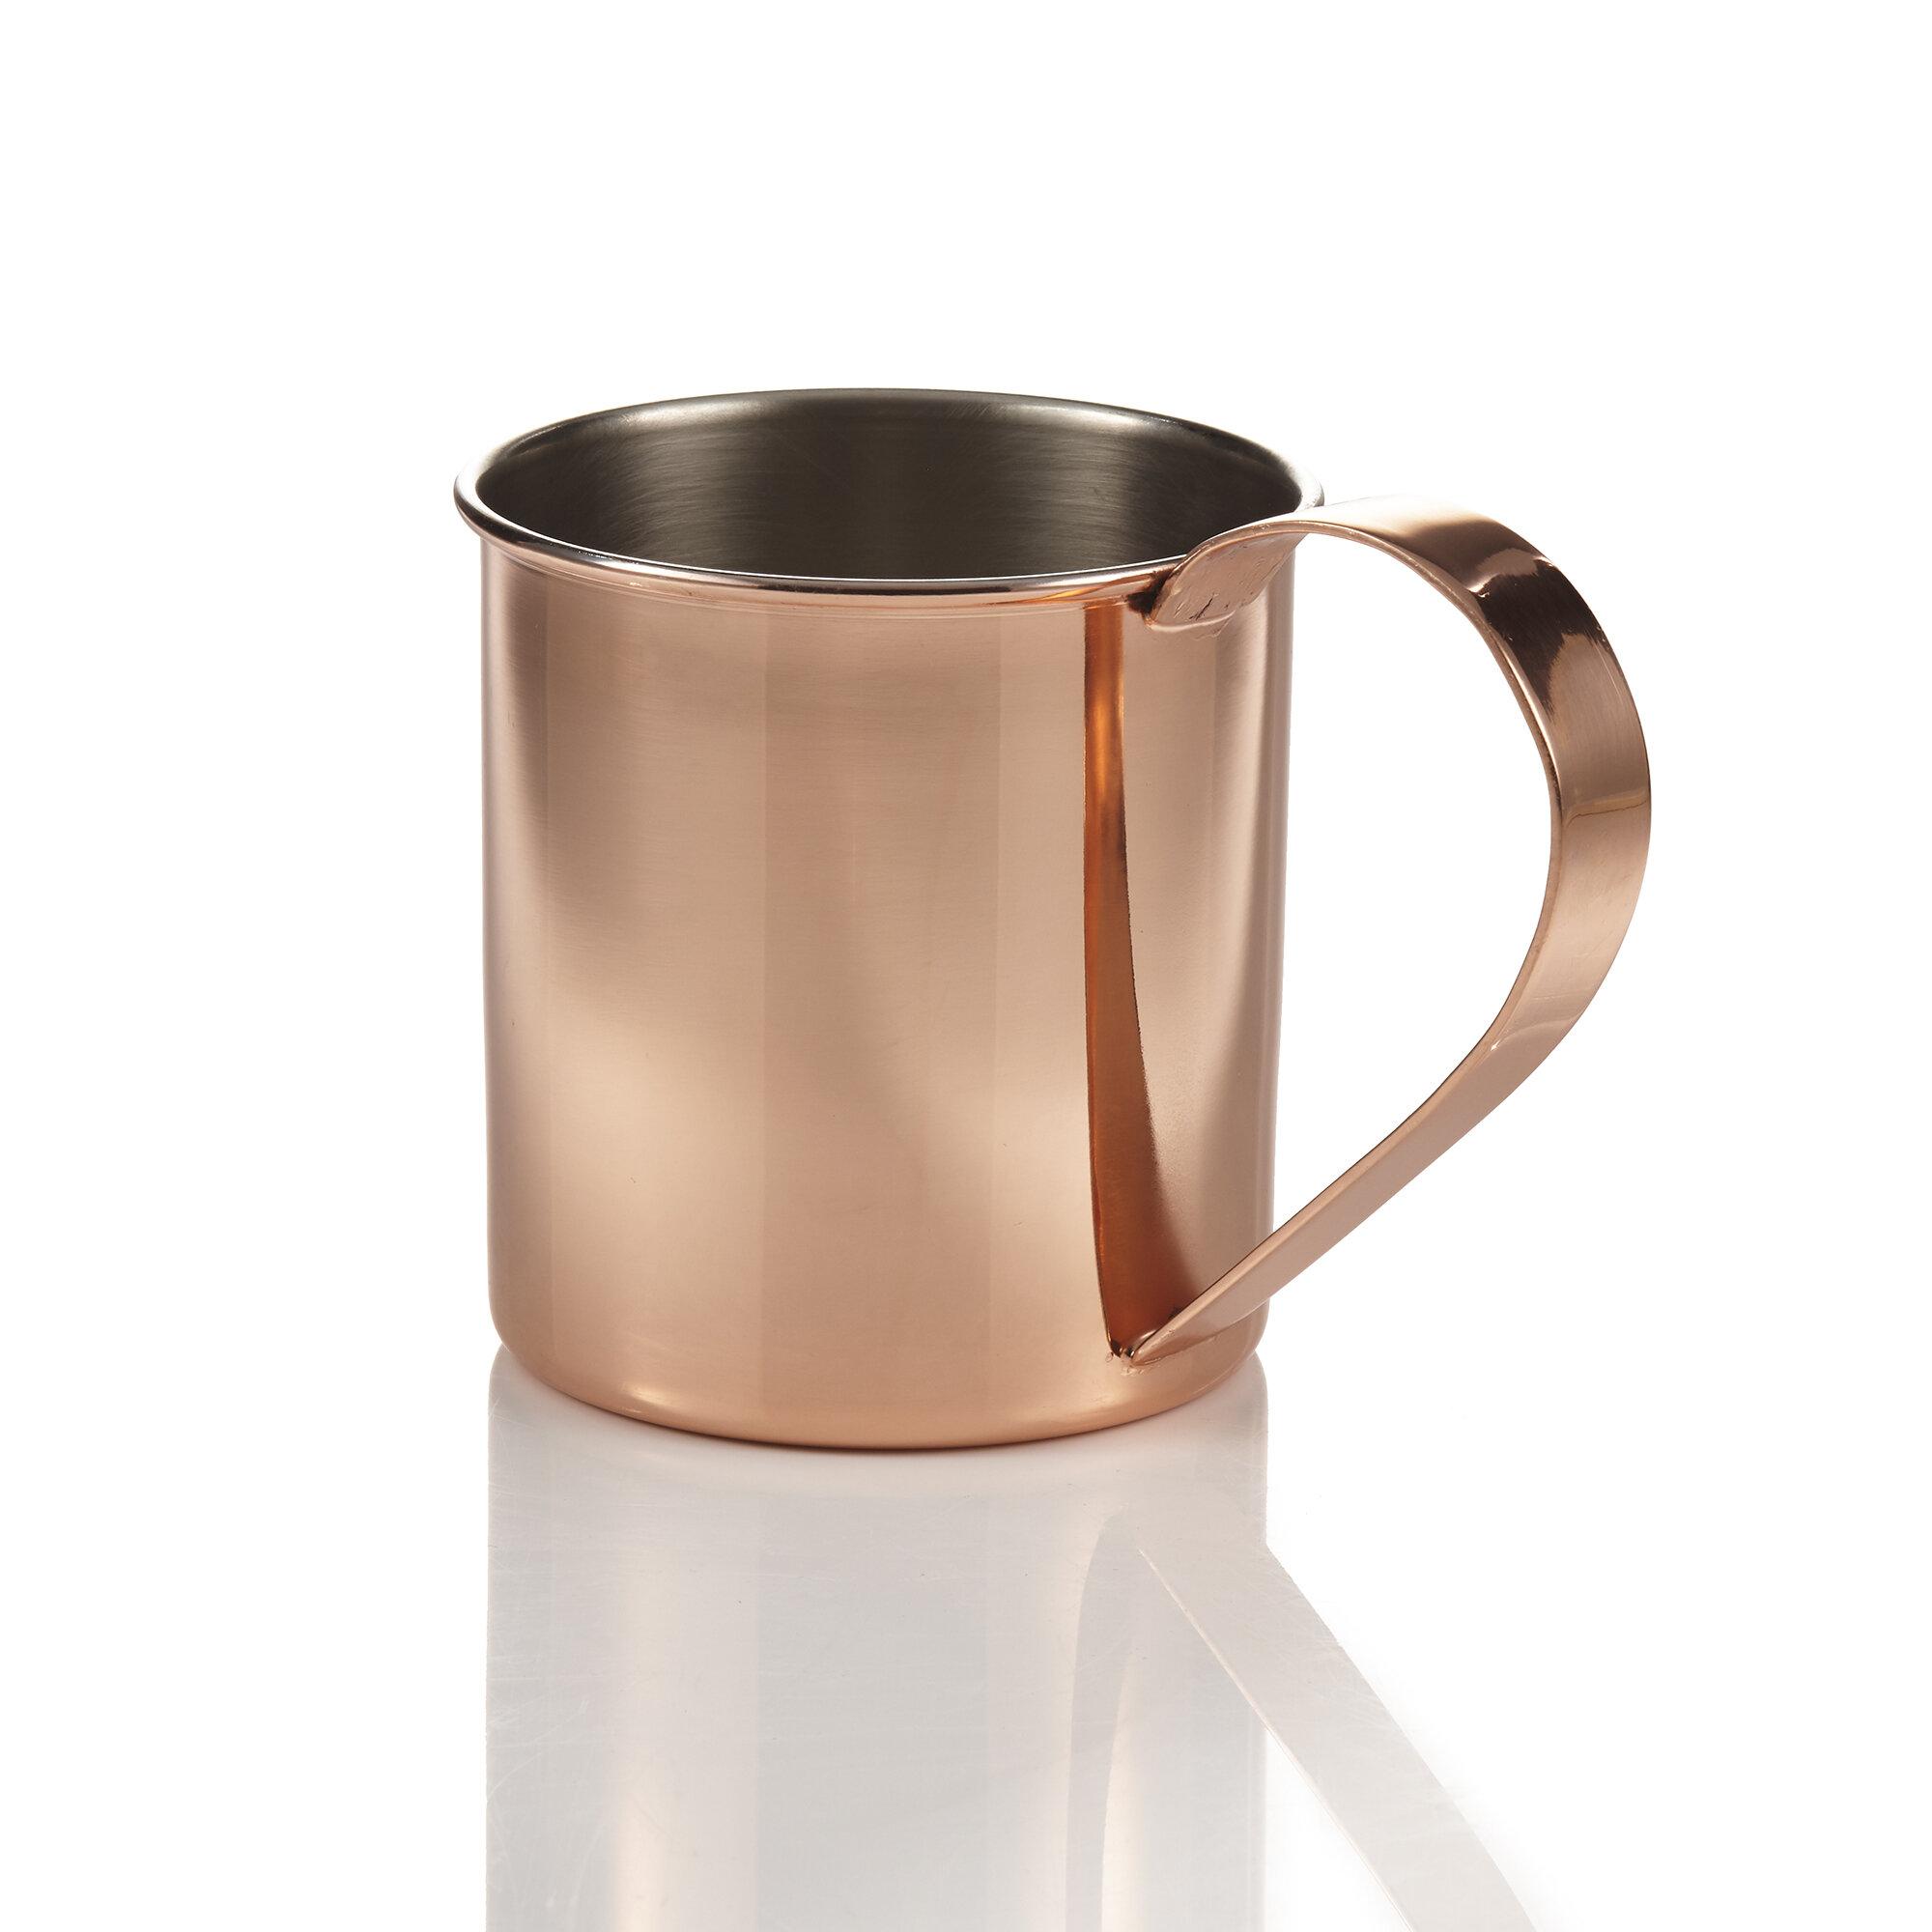 Brilliant 20 Oz Copper Moscow Mule Mug Wayfair